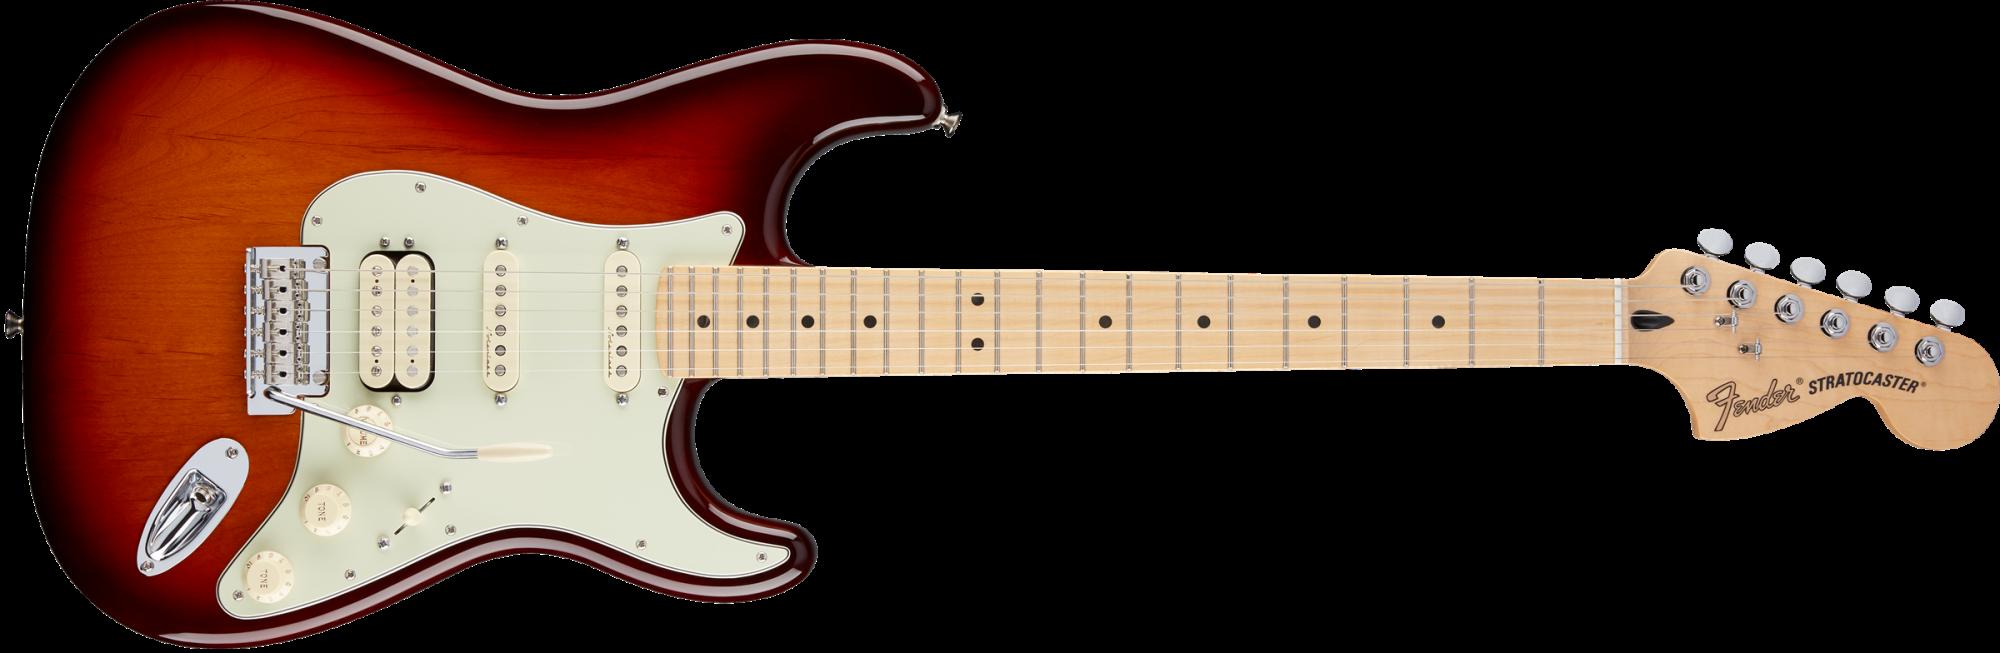 Fender Stratocaster Deluxe HSS